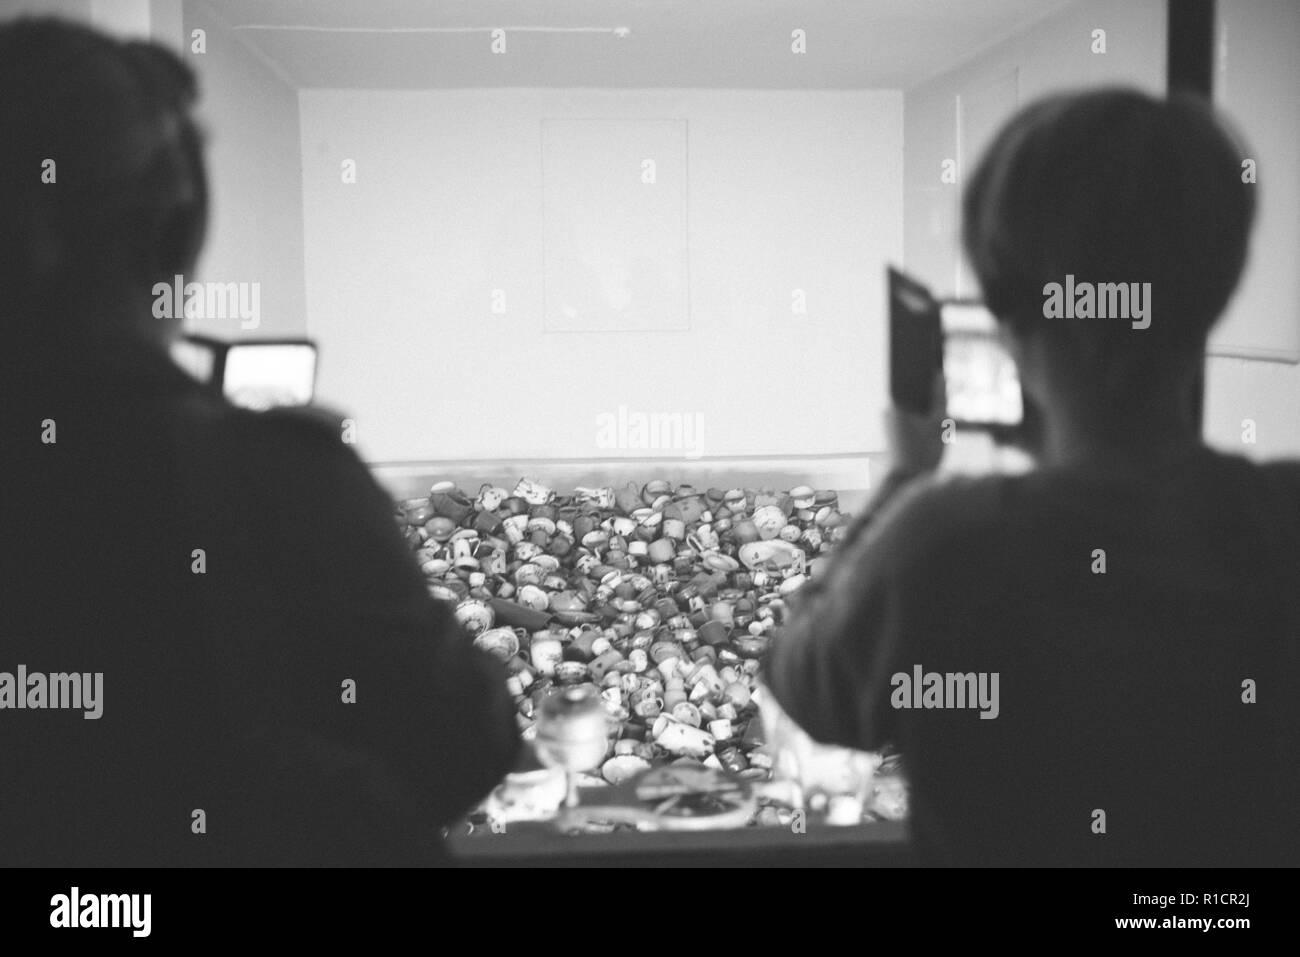 Auschwitz Nazi Konzentrations- und Vernichtungslager. Ausstellung der Opfer Küchengeräte. Auschwitz, deutsch besetzten Polen, Europa Stockbild